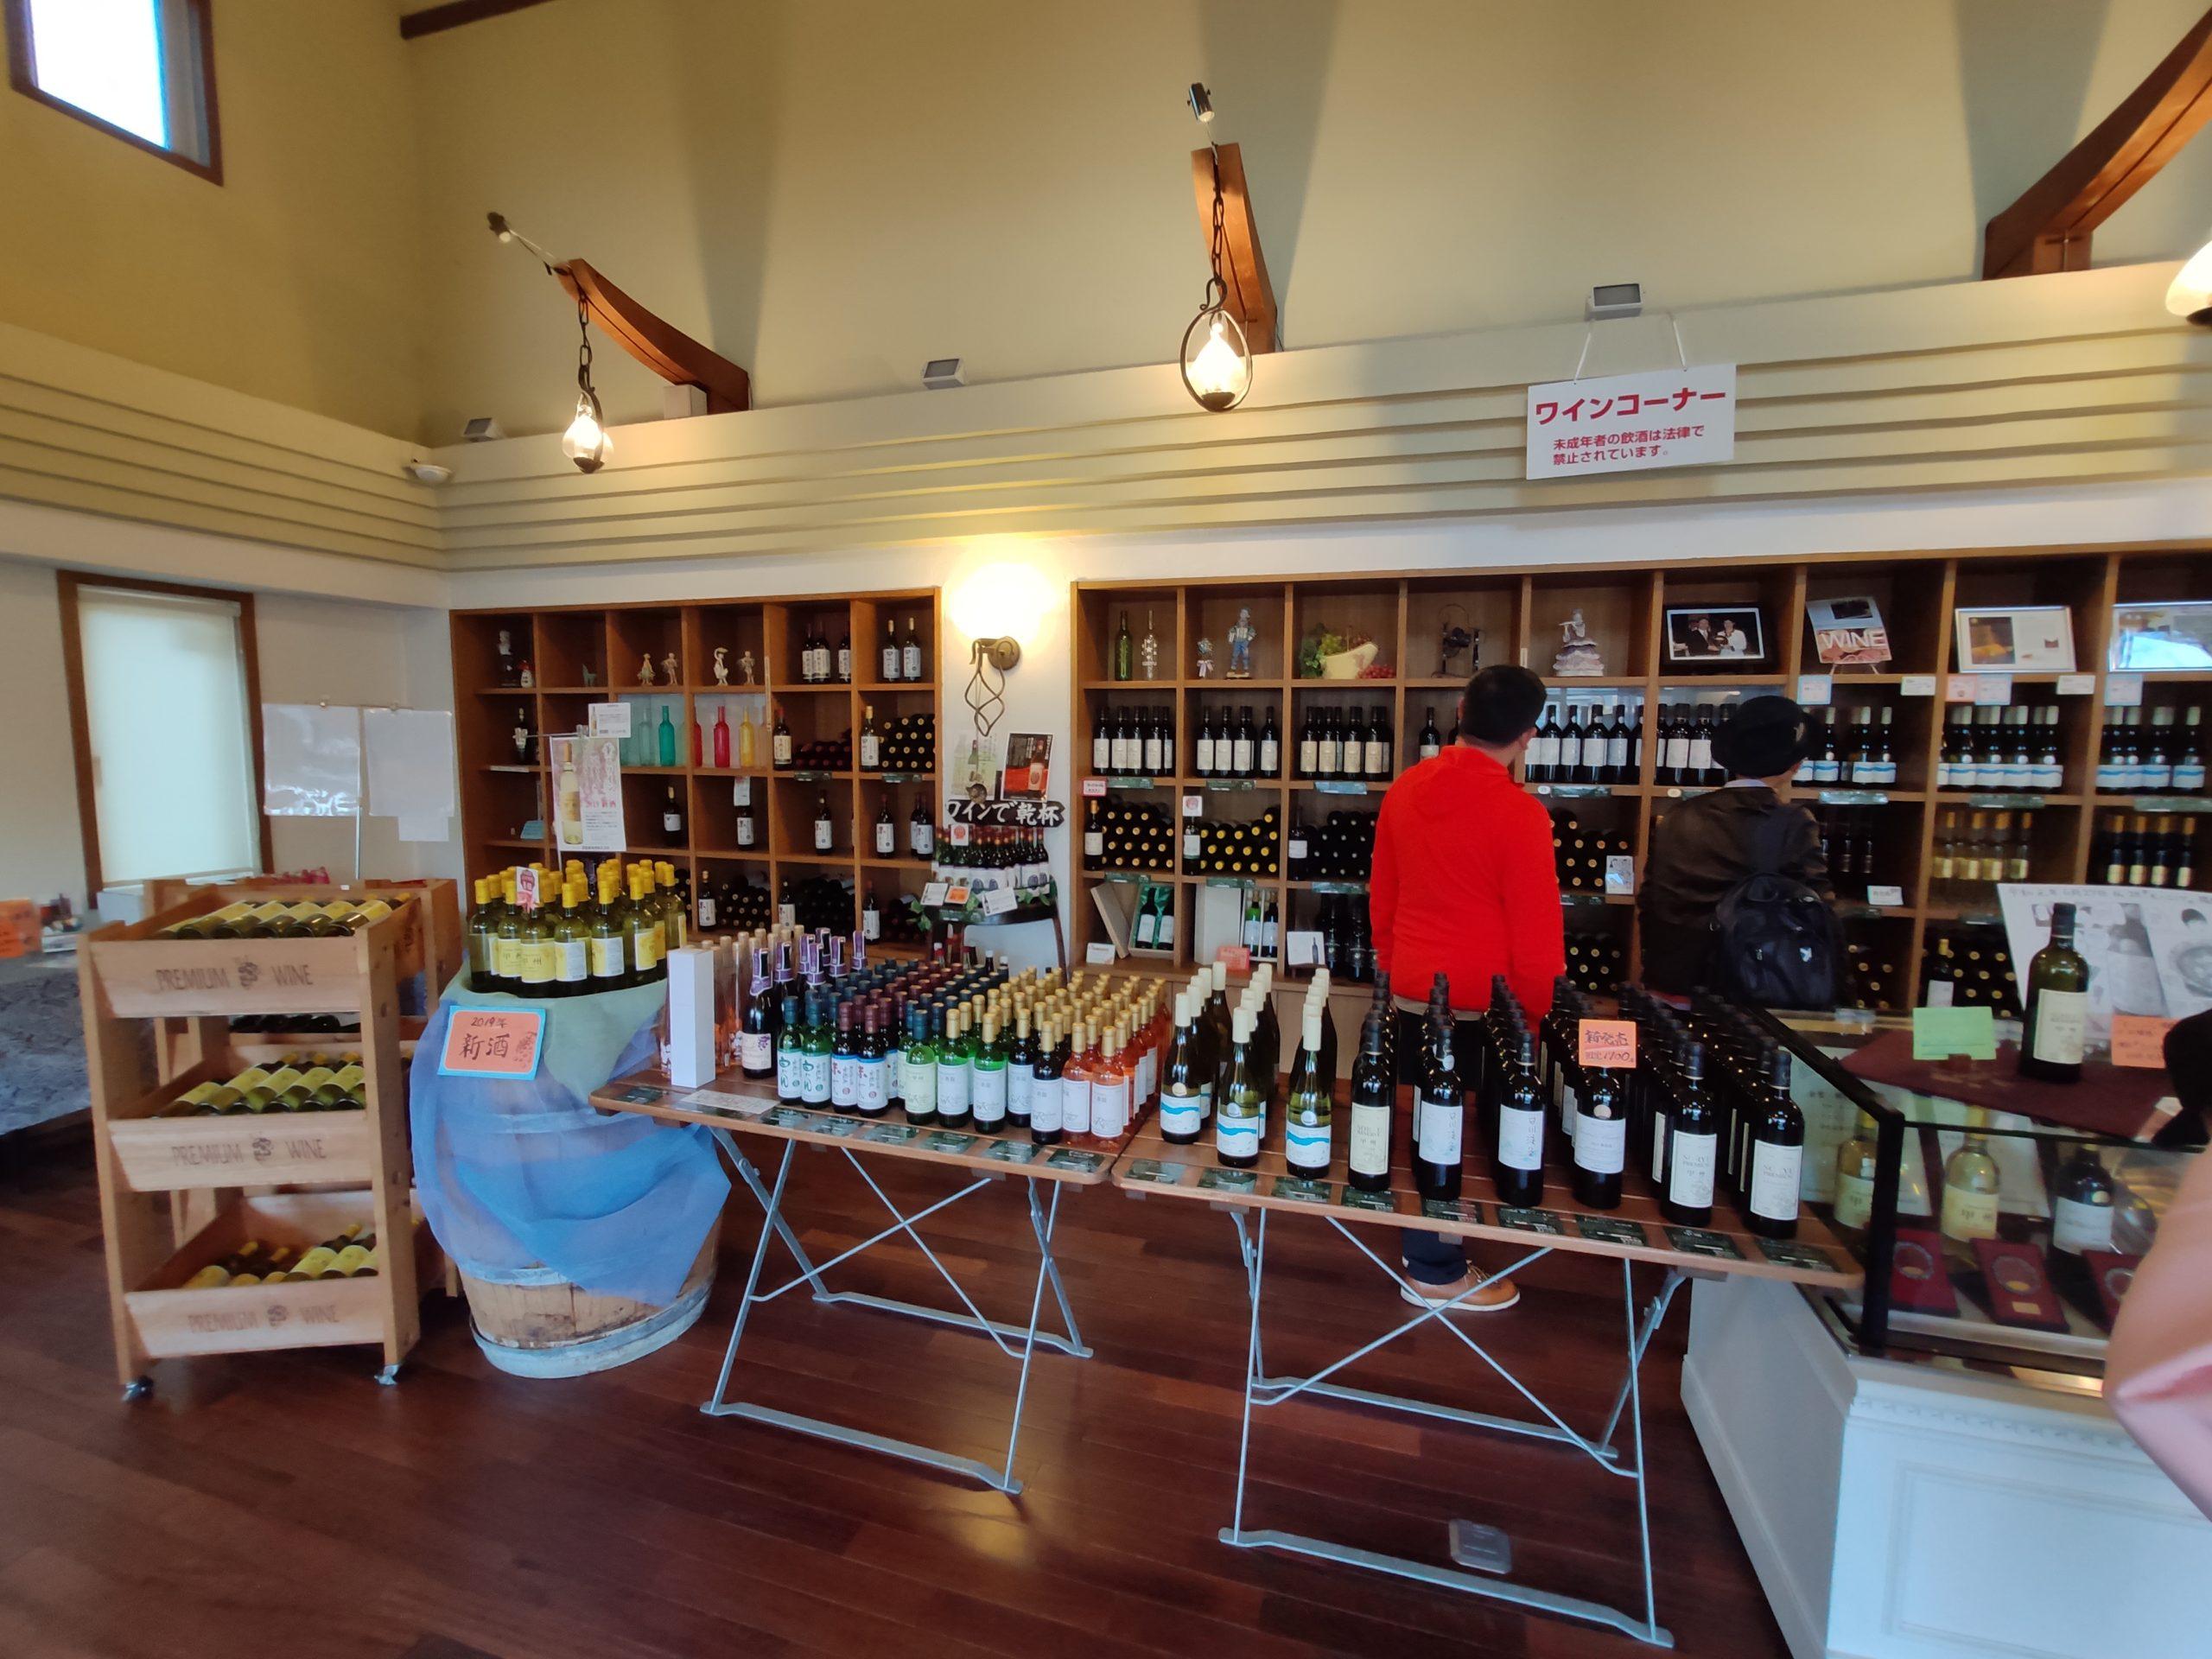 [Review] Soryu Winery @ Yamanashi, Japan